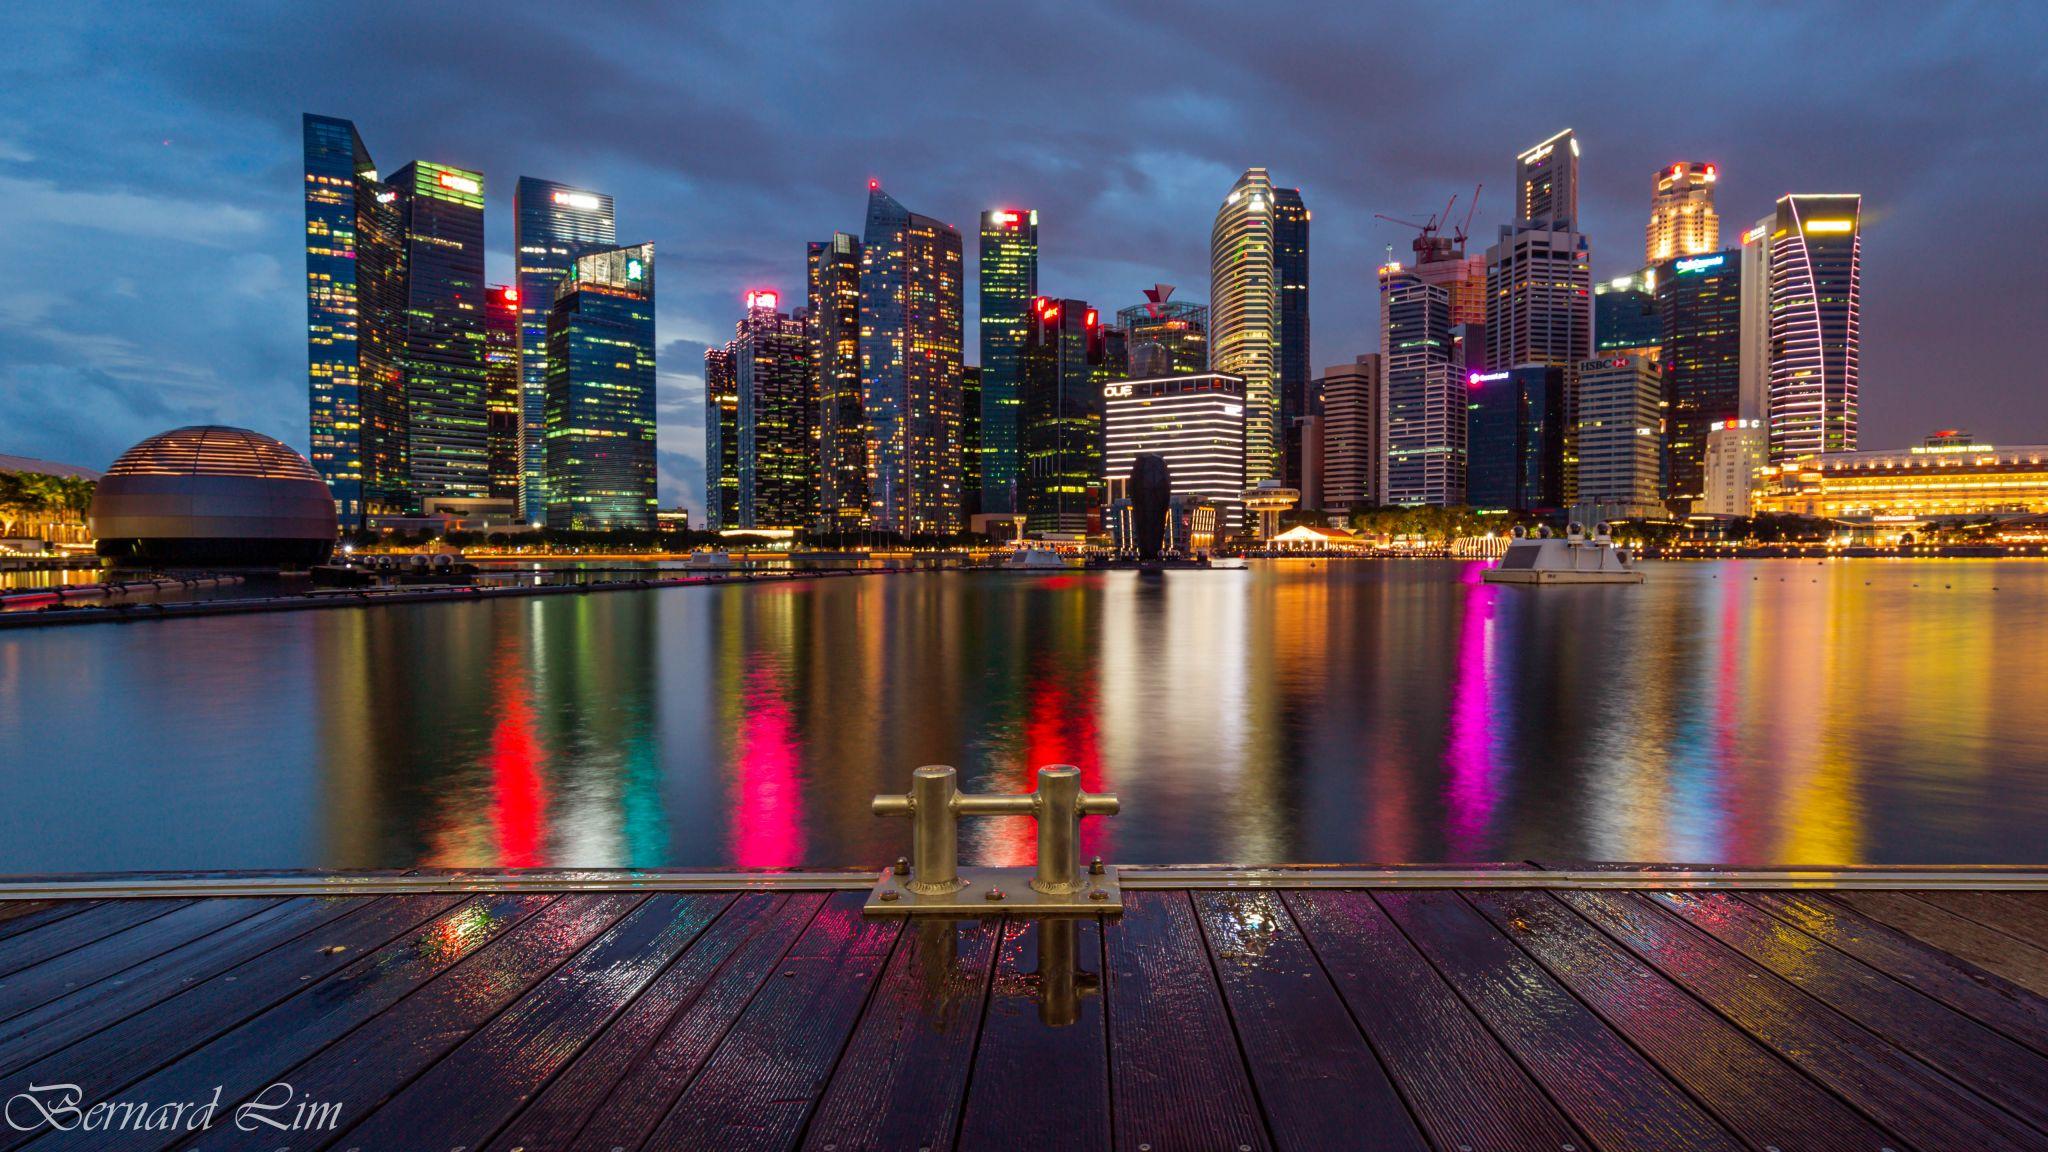 View of CBD, Singapore